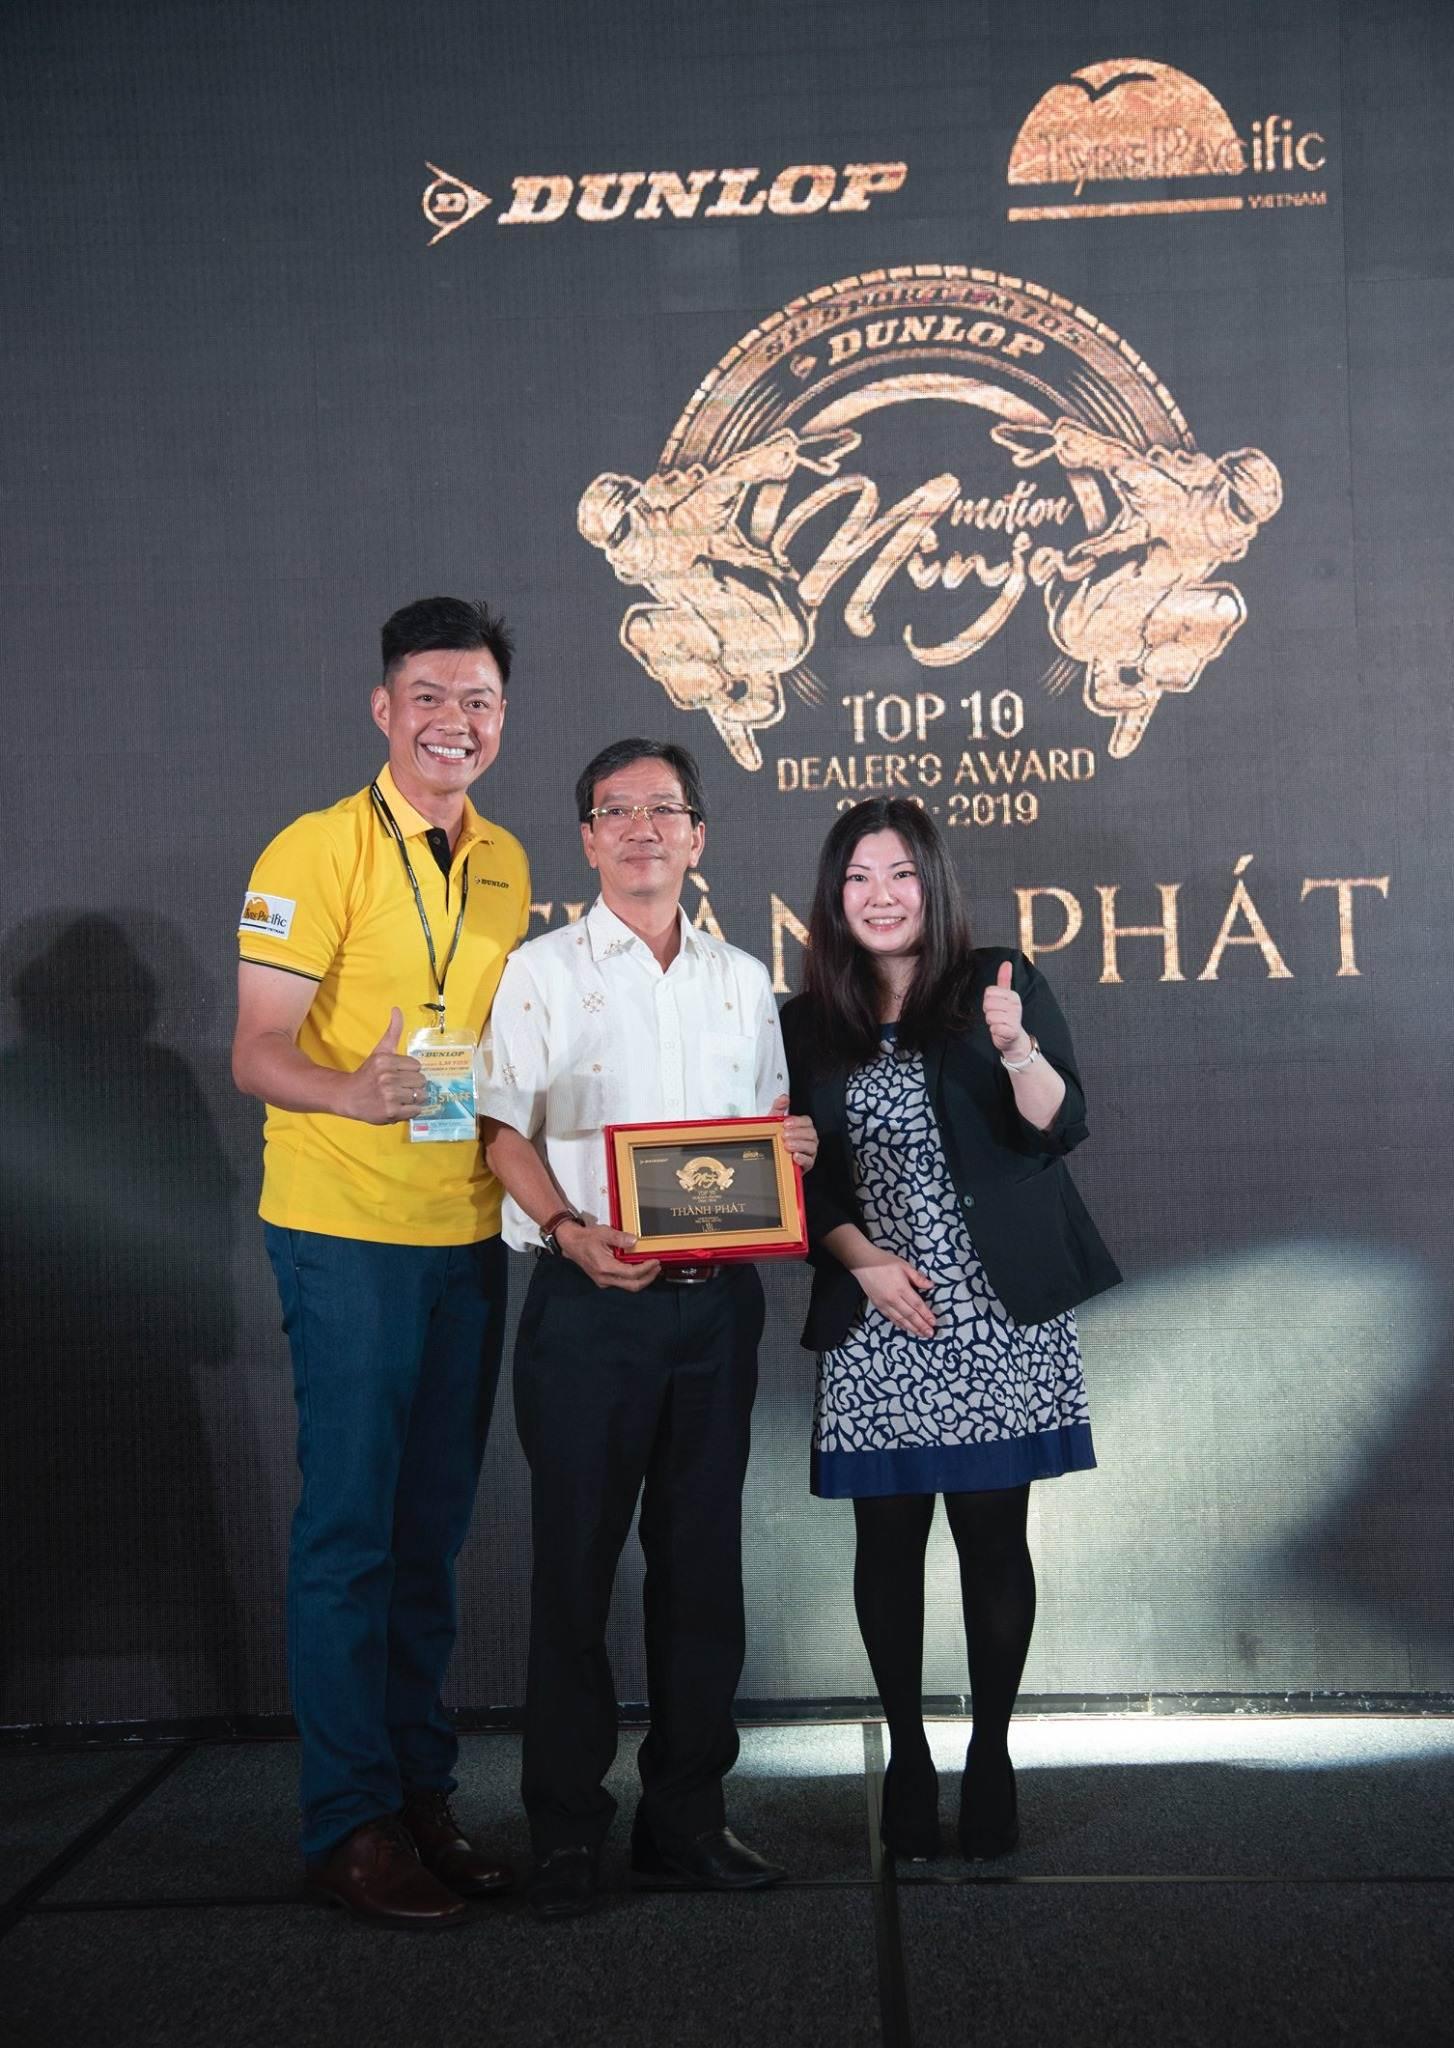 Công Ty Yến Phong vinh dự là top 5 đại lý xuất sắc nhất của DUnlop